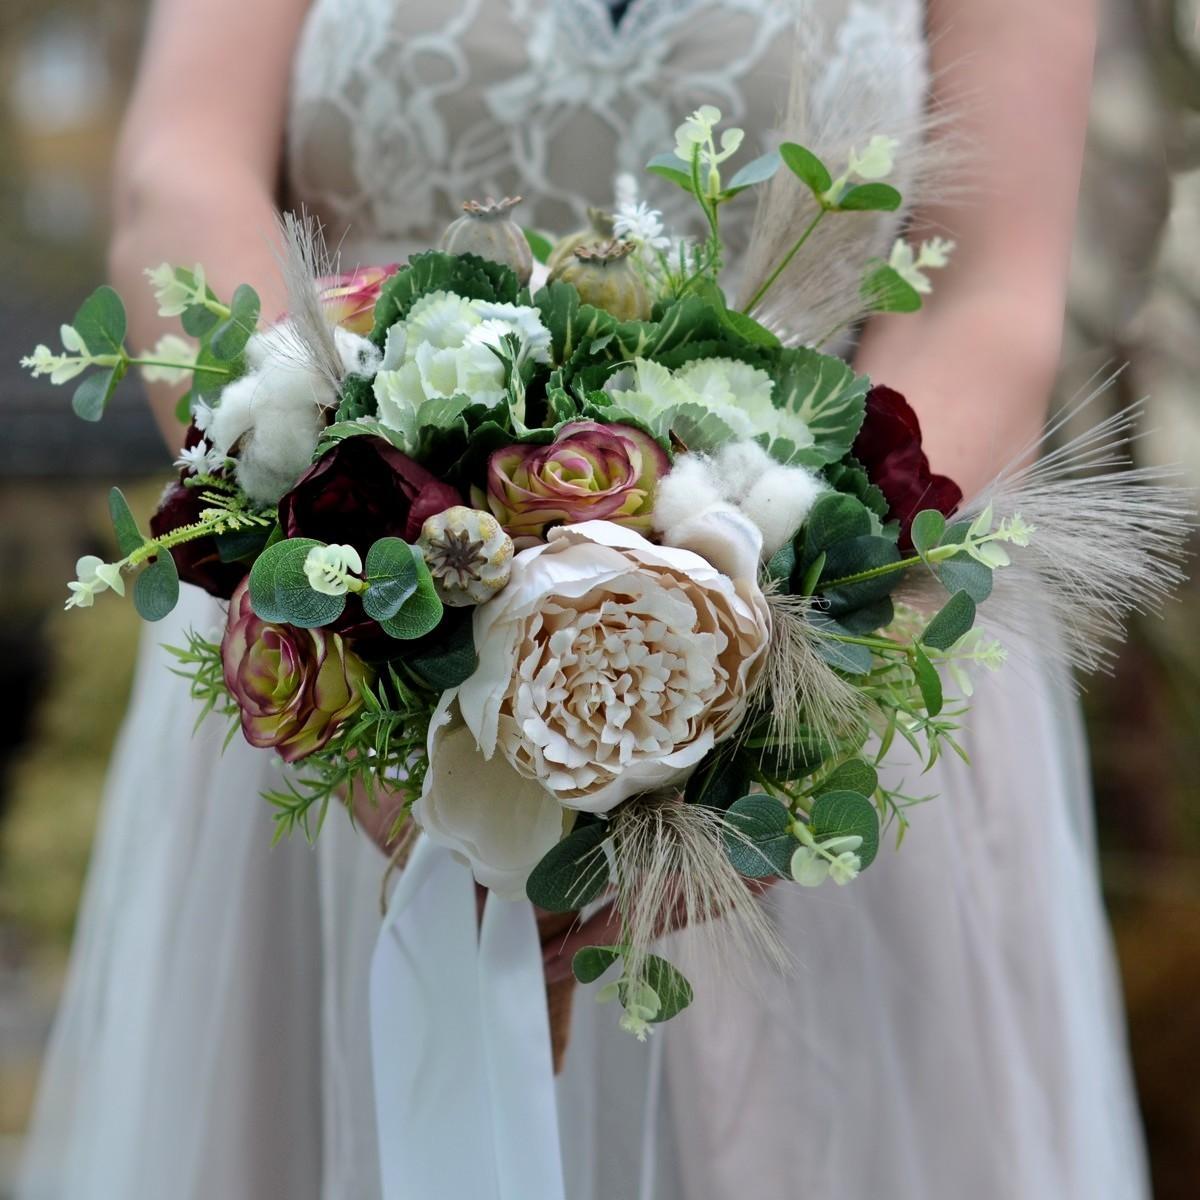 Svatební kytice okrasné zelí :) a další neuvěřitelné komponenty - https://www.kultdesign.cz/666design-cz/eshop/32-1-SVATEBNI-KYTICE/0/5/3565-Svatebni-kytice-Boho-Pampalea-spona-do-vlasu-a-korsaz